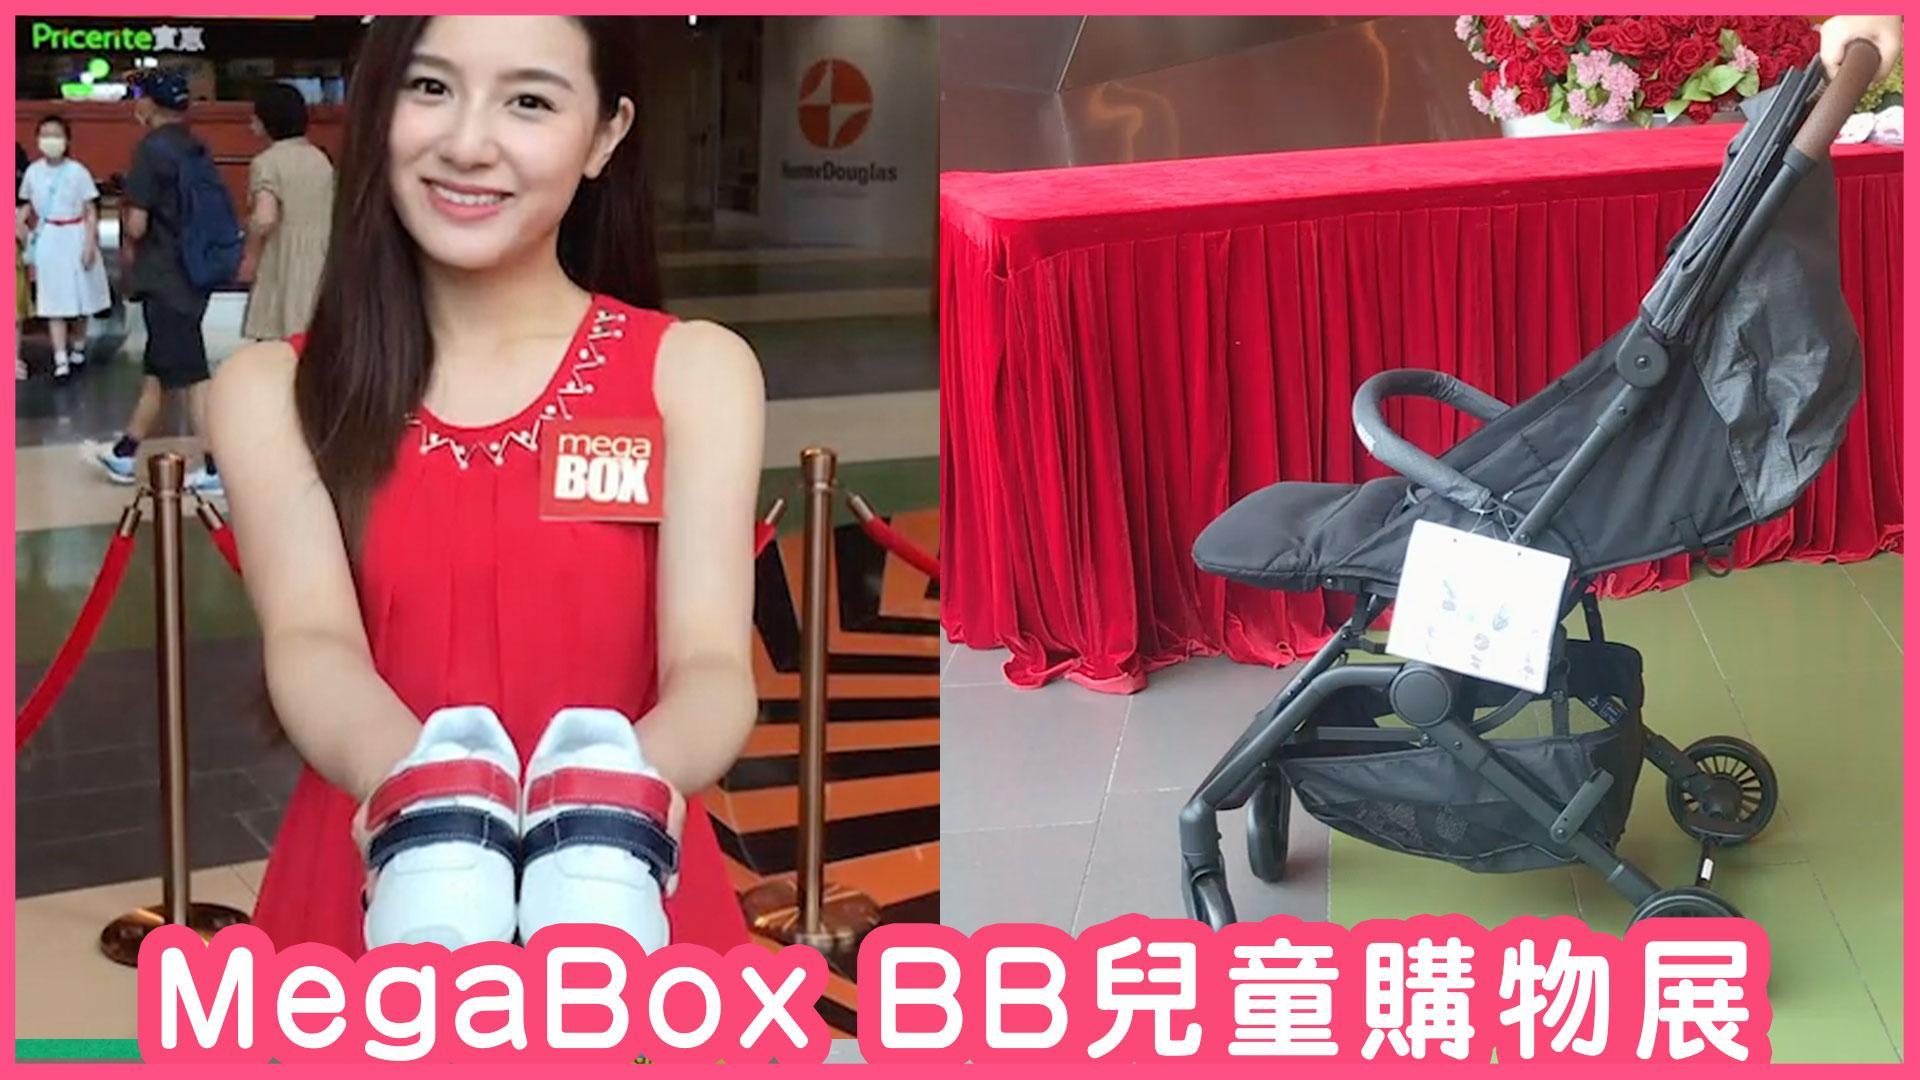 MegaBox BB兒童購物展 低至3折 最平$9.9口水肩